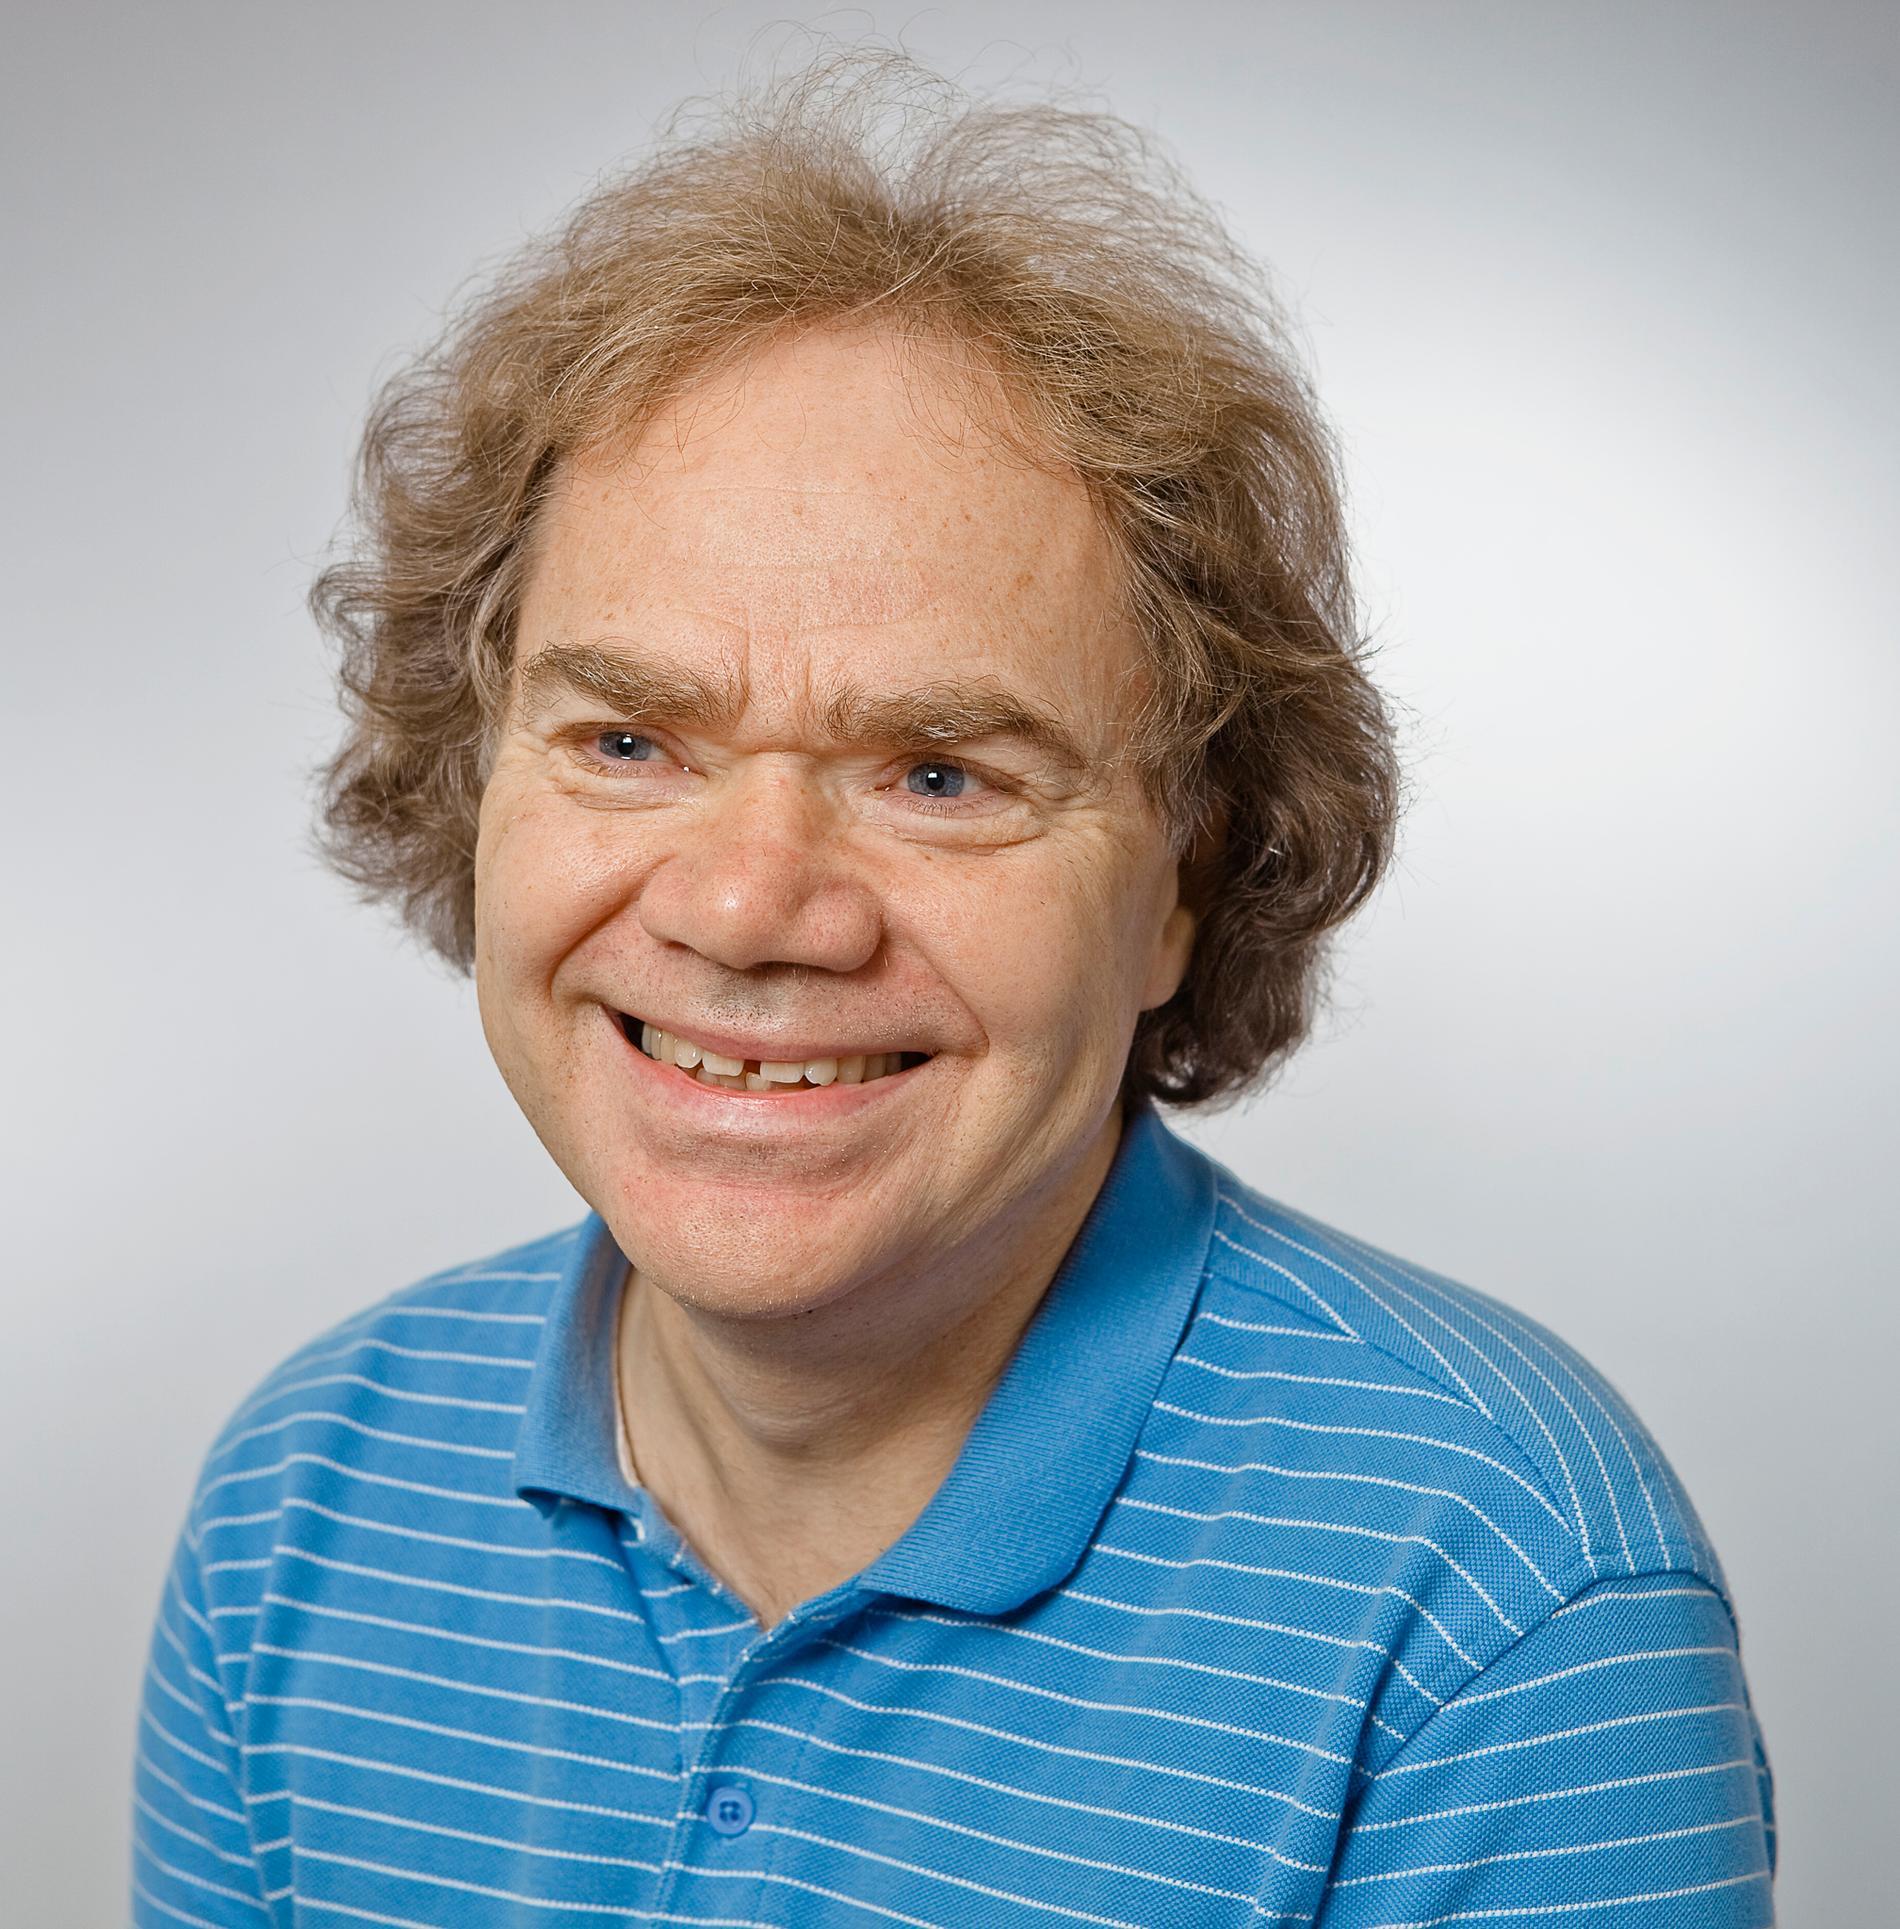 Michael Bradley, professor i fysisk, tror inte att Merkurius retrograd har särskilt stor påverkan på vårt dagliga liv.